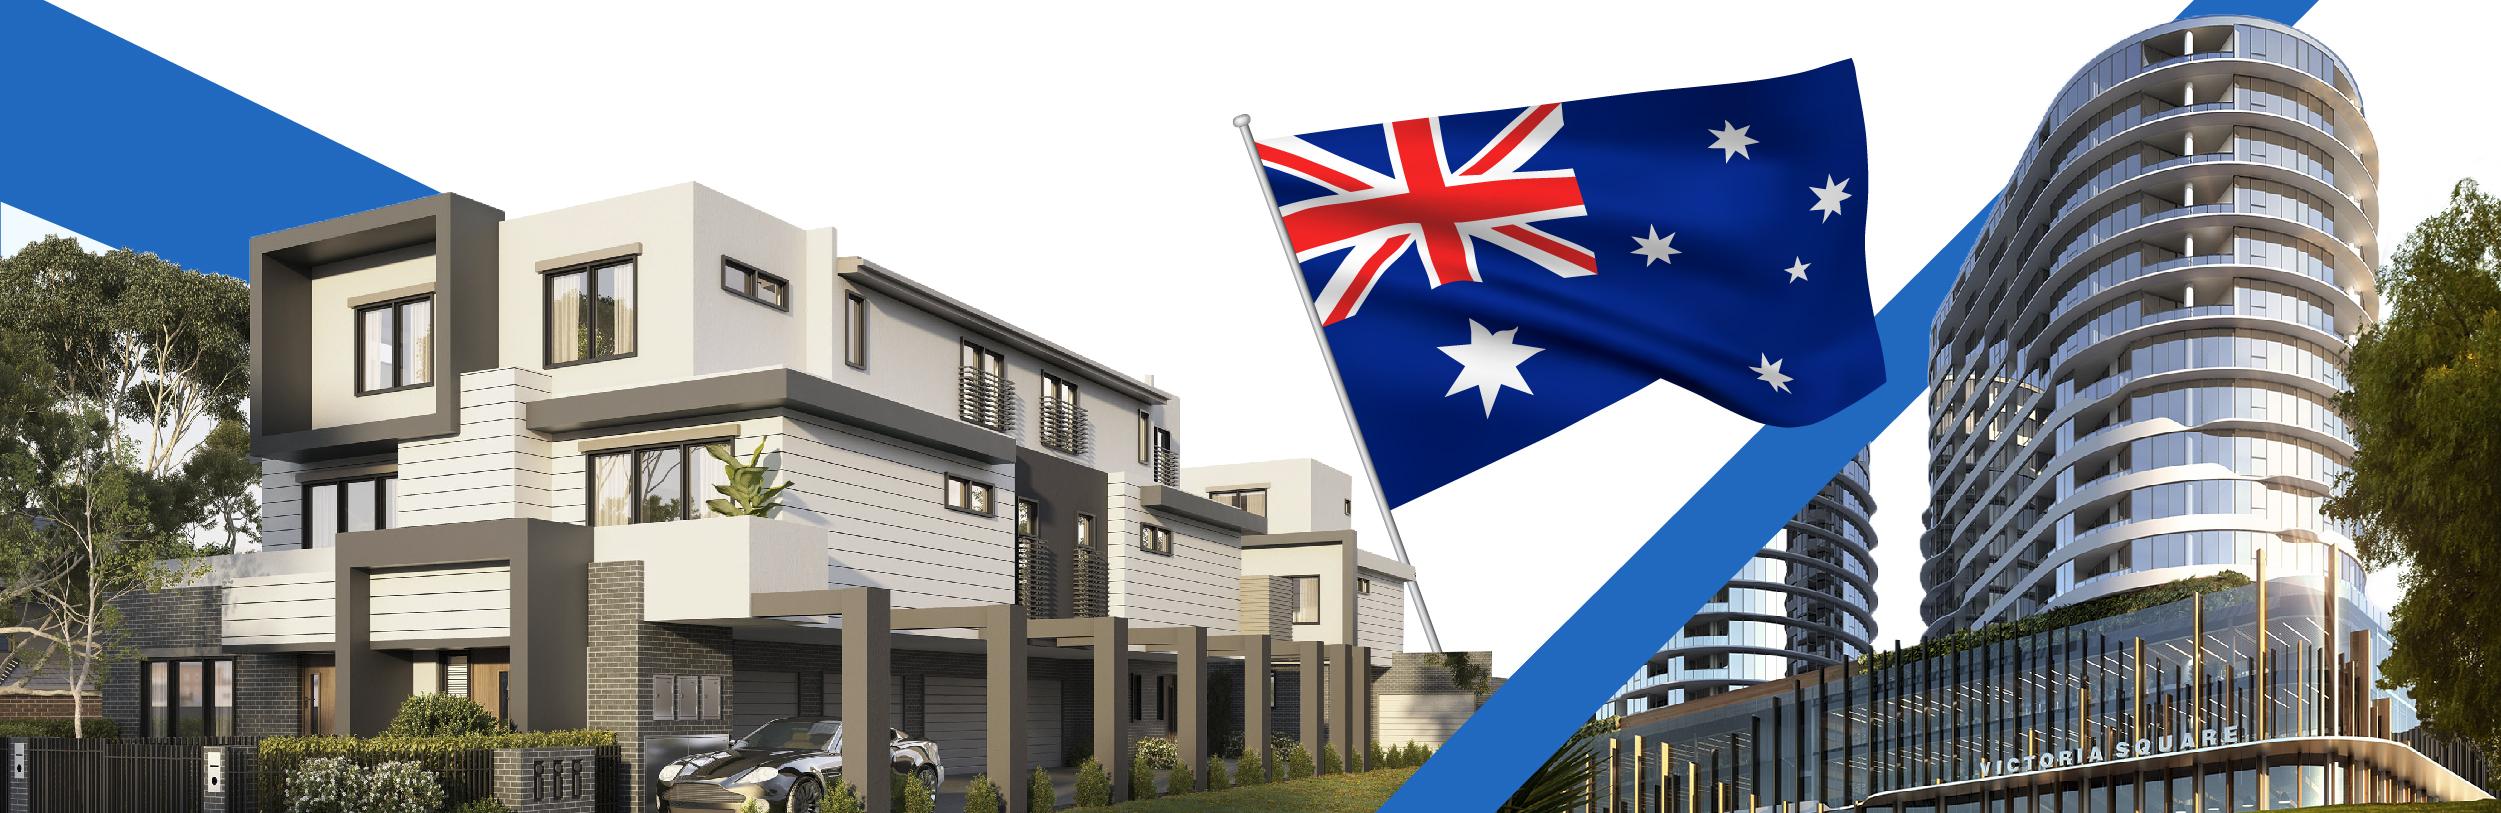 """Mua nhà tại Melbourne, Úc với các dự án tốt có mức """"giá hời"""""""